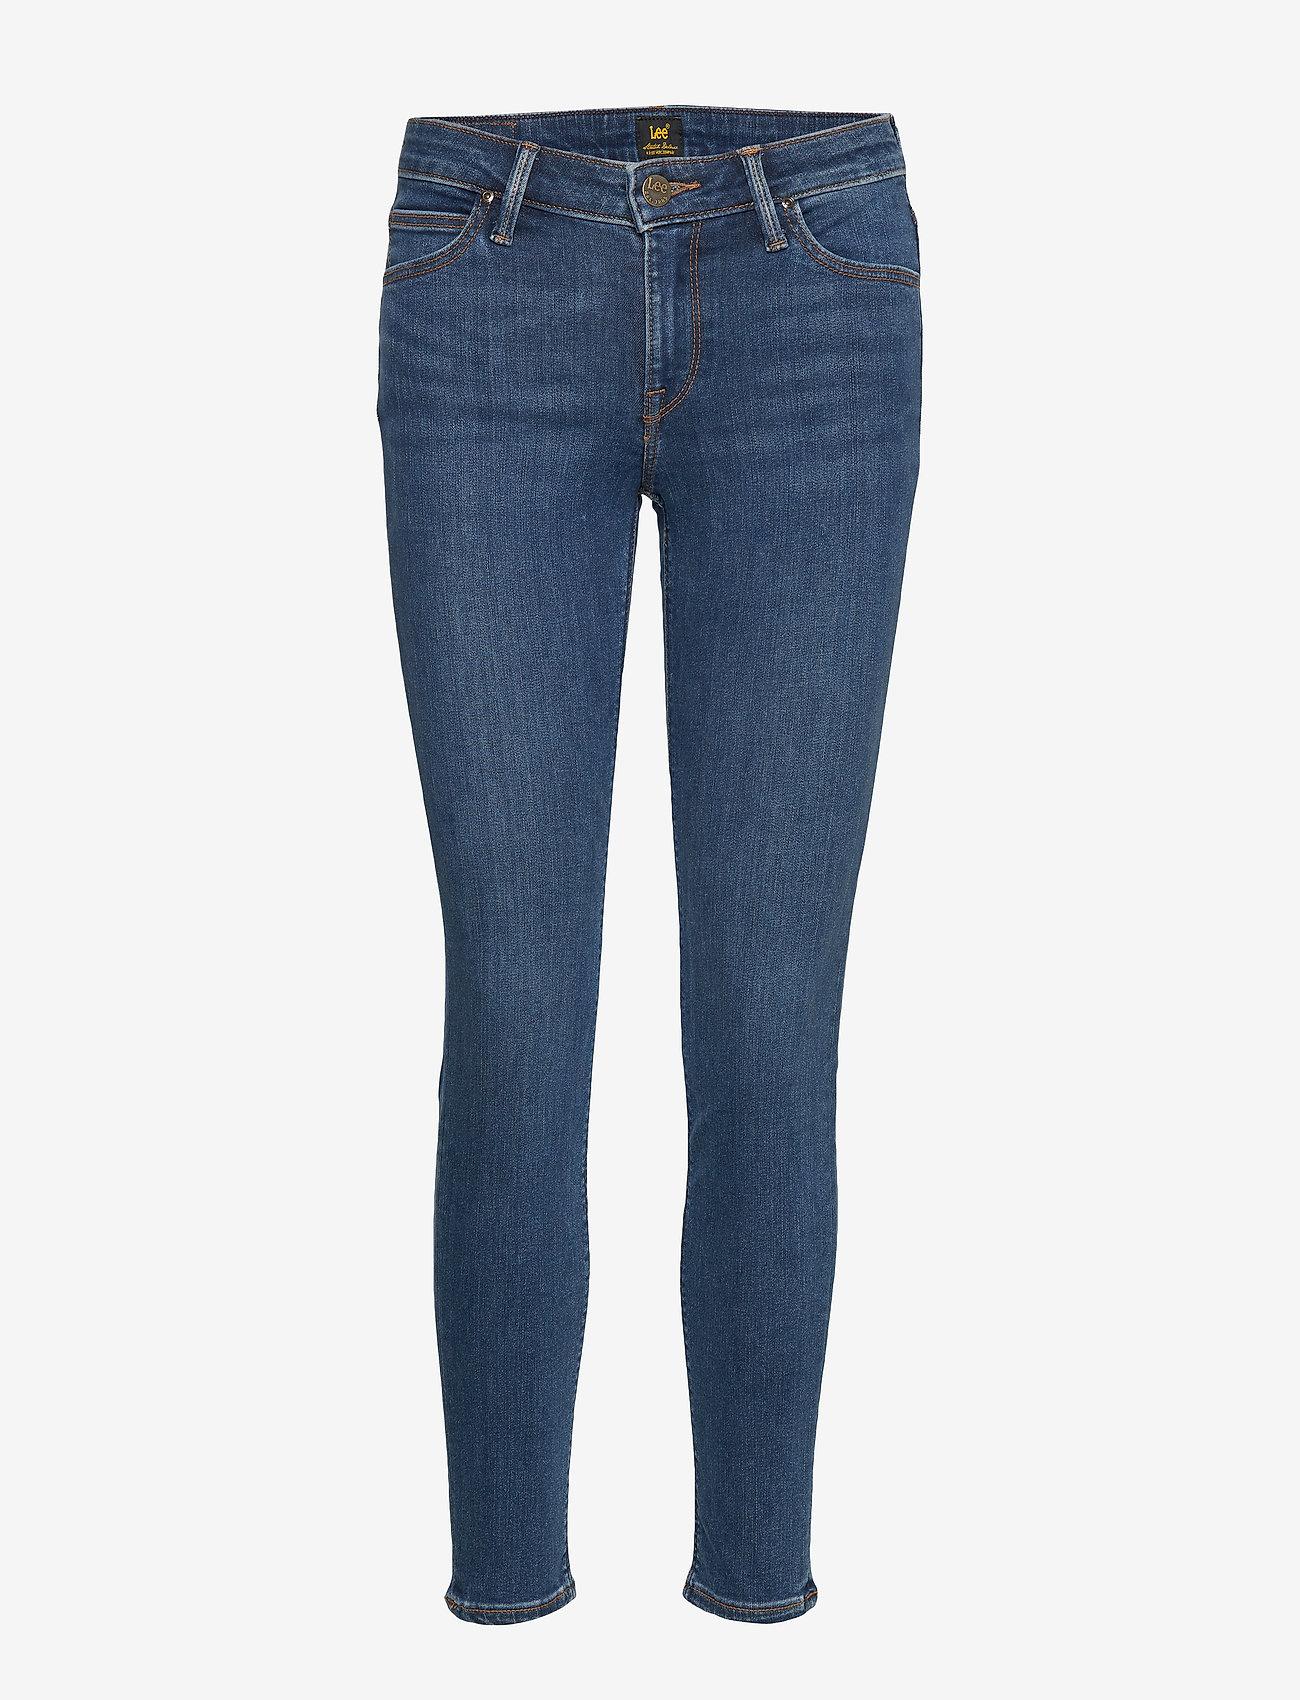 Lee Jeans - SCARLETT - skinny jeans - dark ulrich - 0